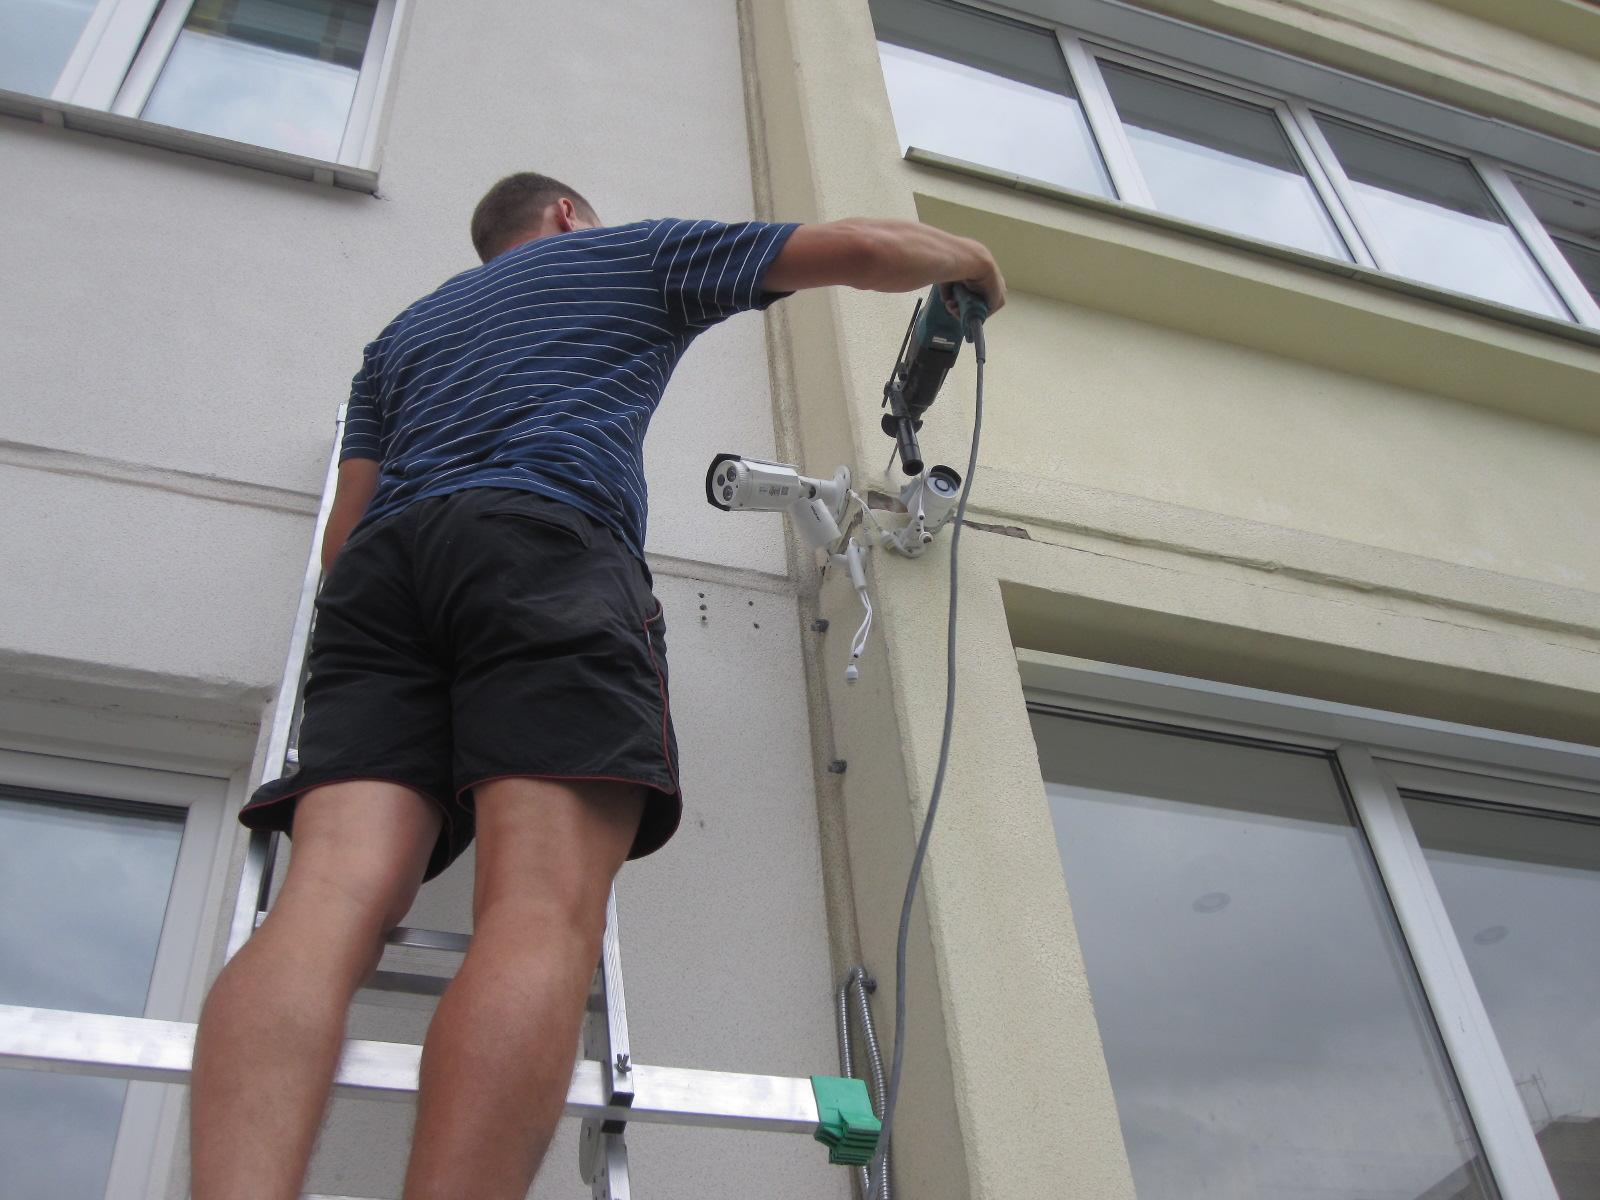 незаконная установка камер видеонаблюдения в многоквартирном доме